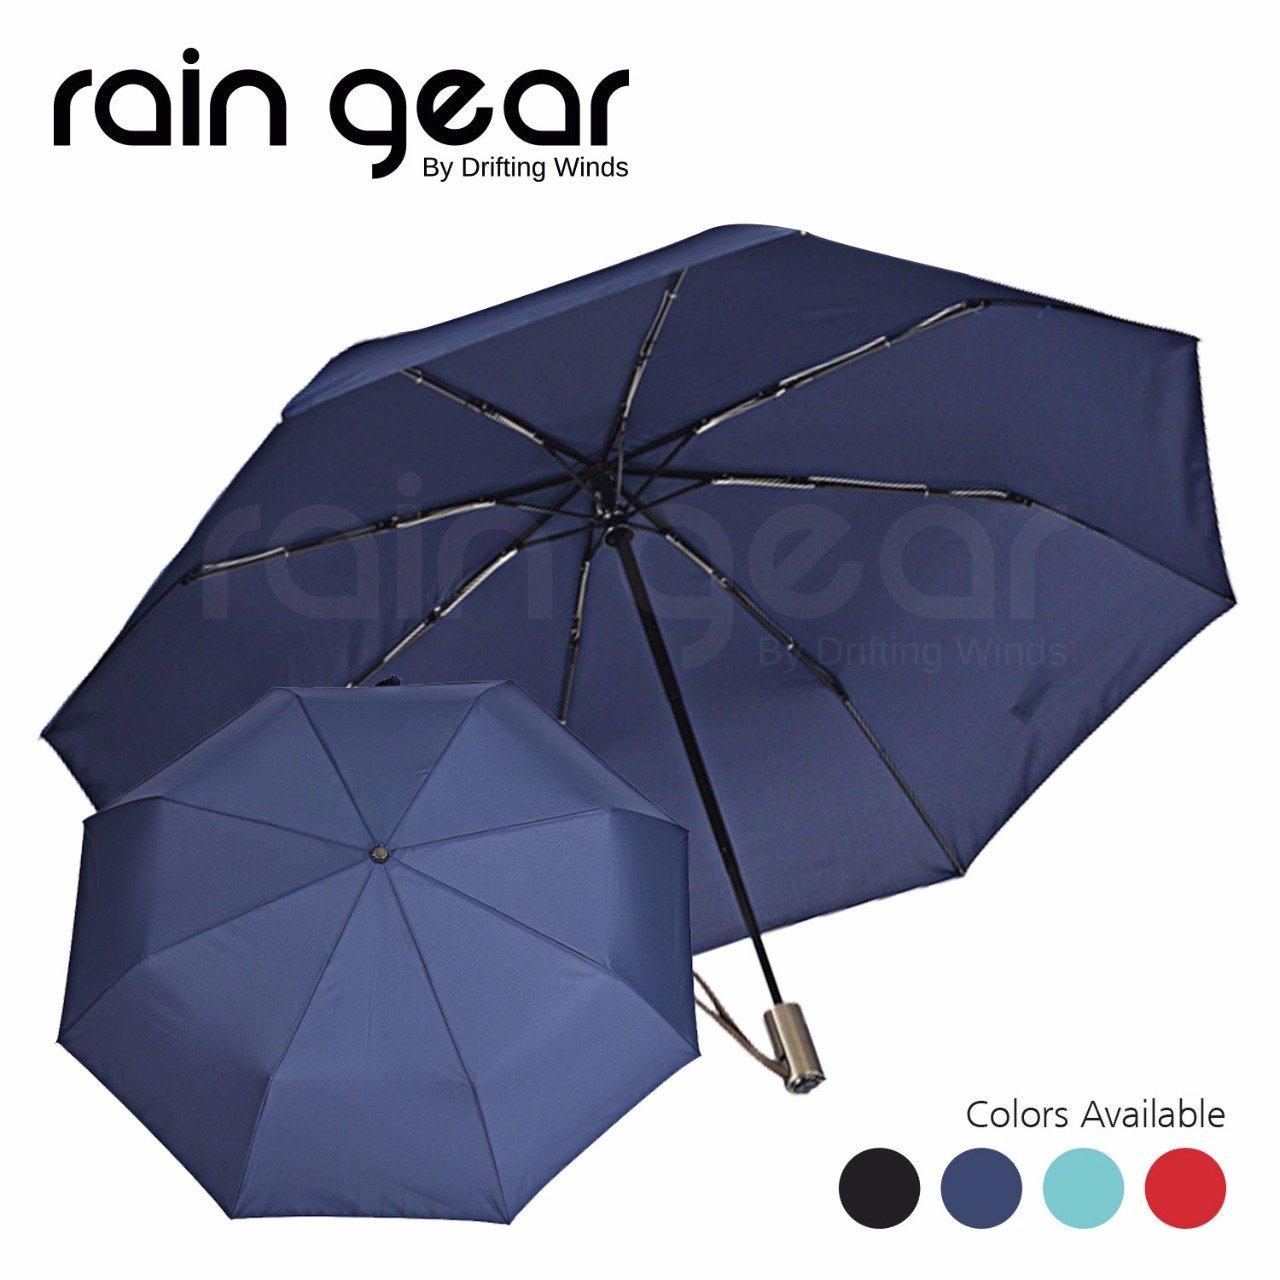 雨ギア傘防風、ヘビーデューティYetライトNコンパクト、自動開く/閉じるデザインwithキャリーポーチ理想的なハンドバッグ、車使用: Bestのゴルフ旅行、通勤、傘でも天気。 B077P344JJ ネイビーブルー